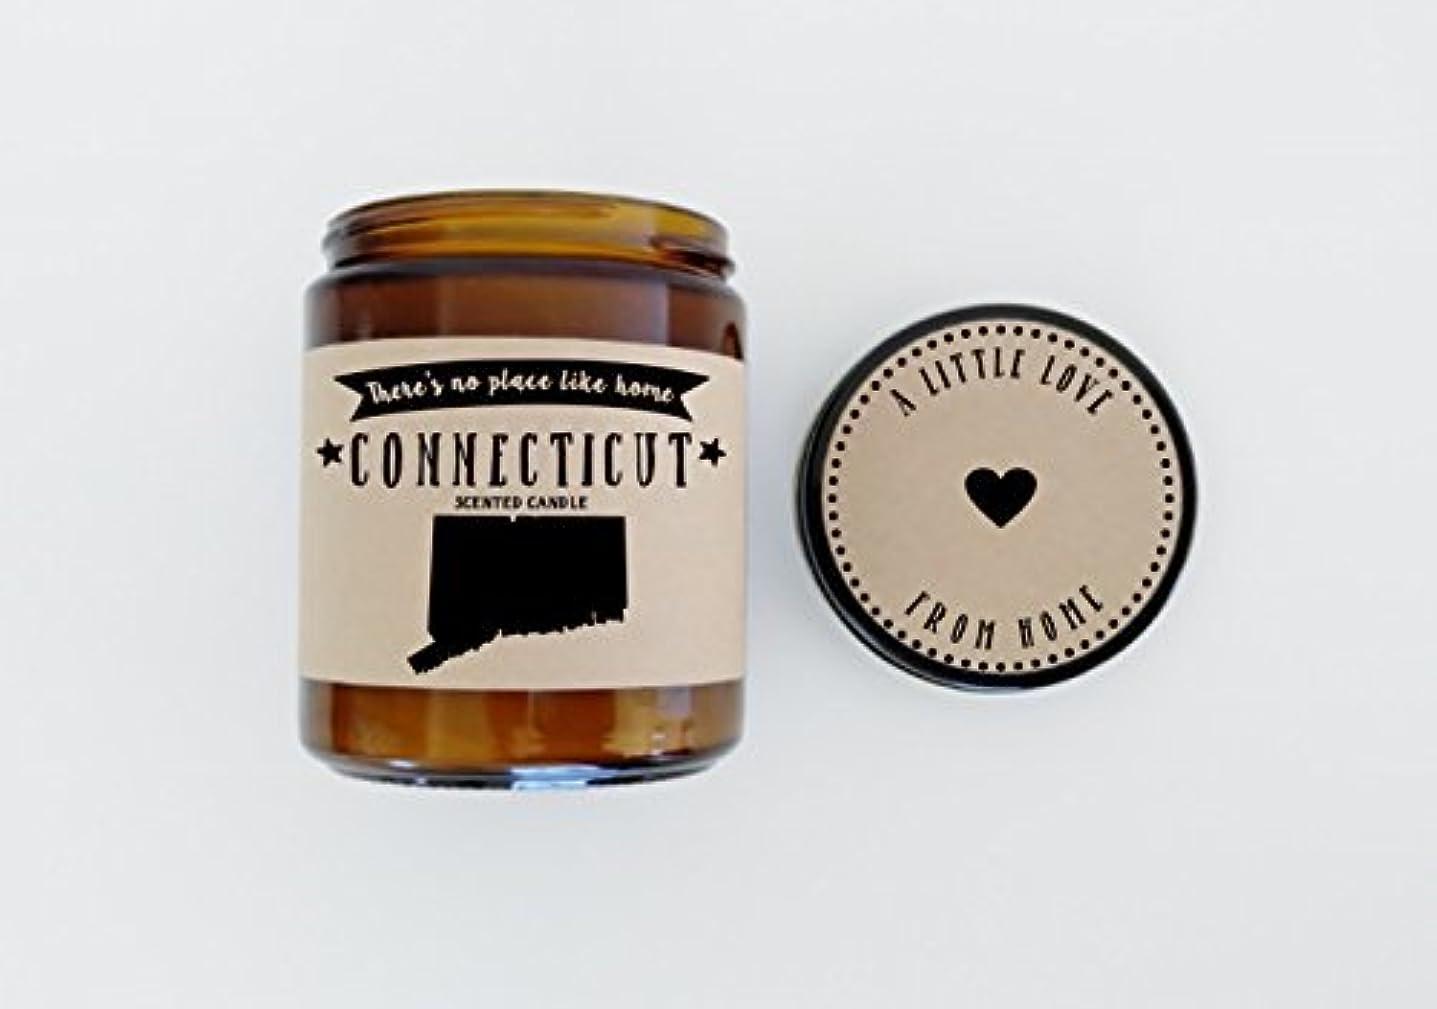 対話電子トロリーConnecticut Scented Candle Missing Home Homesick Gift Moving Gift New Home Gift No Place Like Home State Candle...